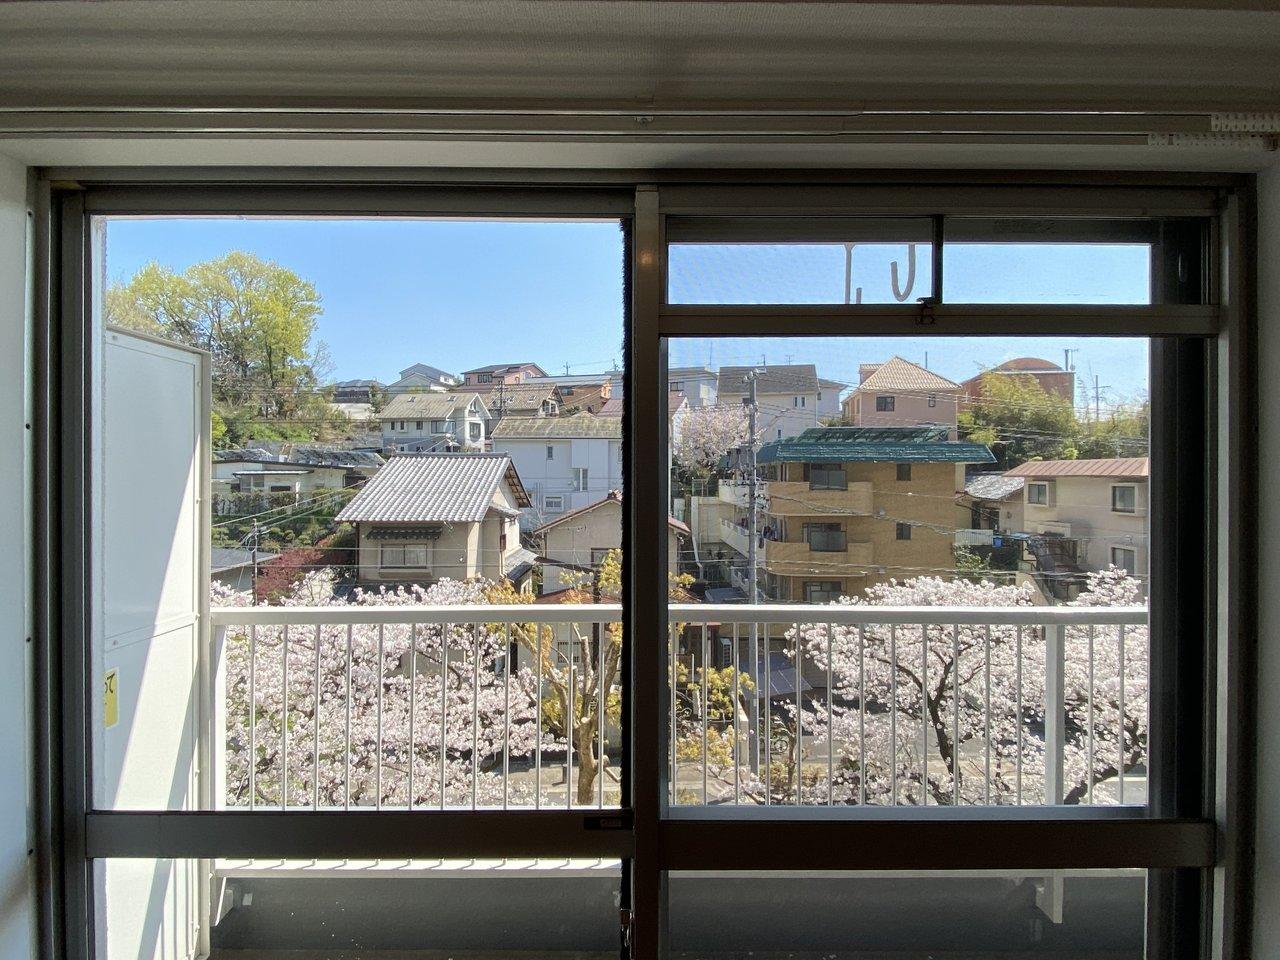 リビングにある窓からは、春になると桜も見ることができます。毎年春が待ち遠しくなりそうです。